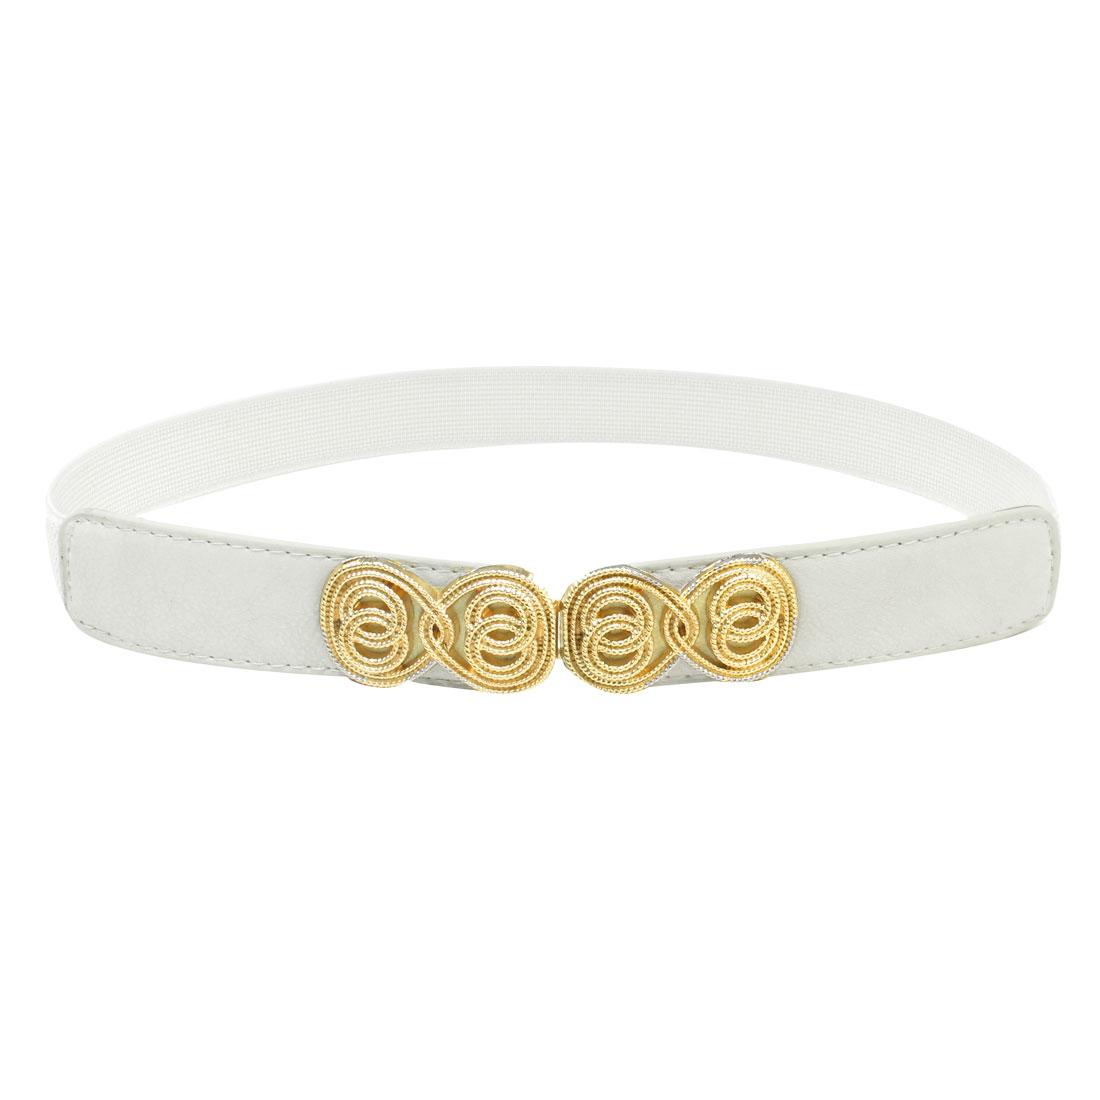 White Textured Elastic Band Interlocking Buckle Waist Belt